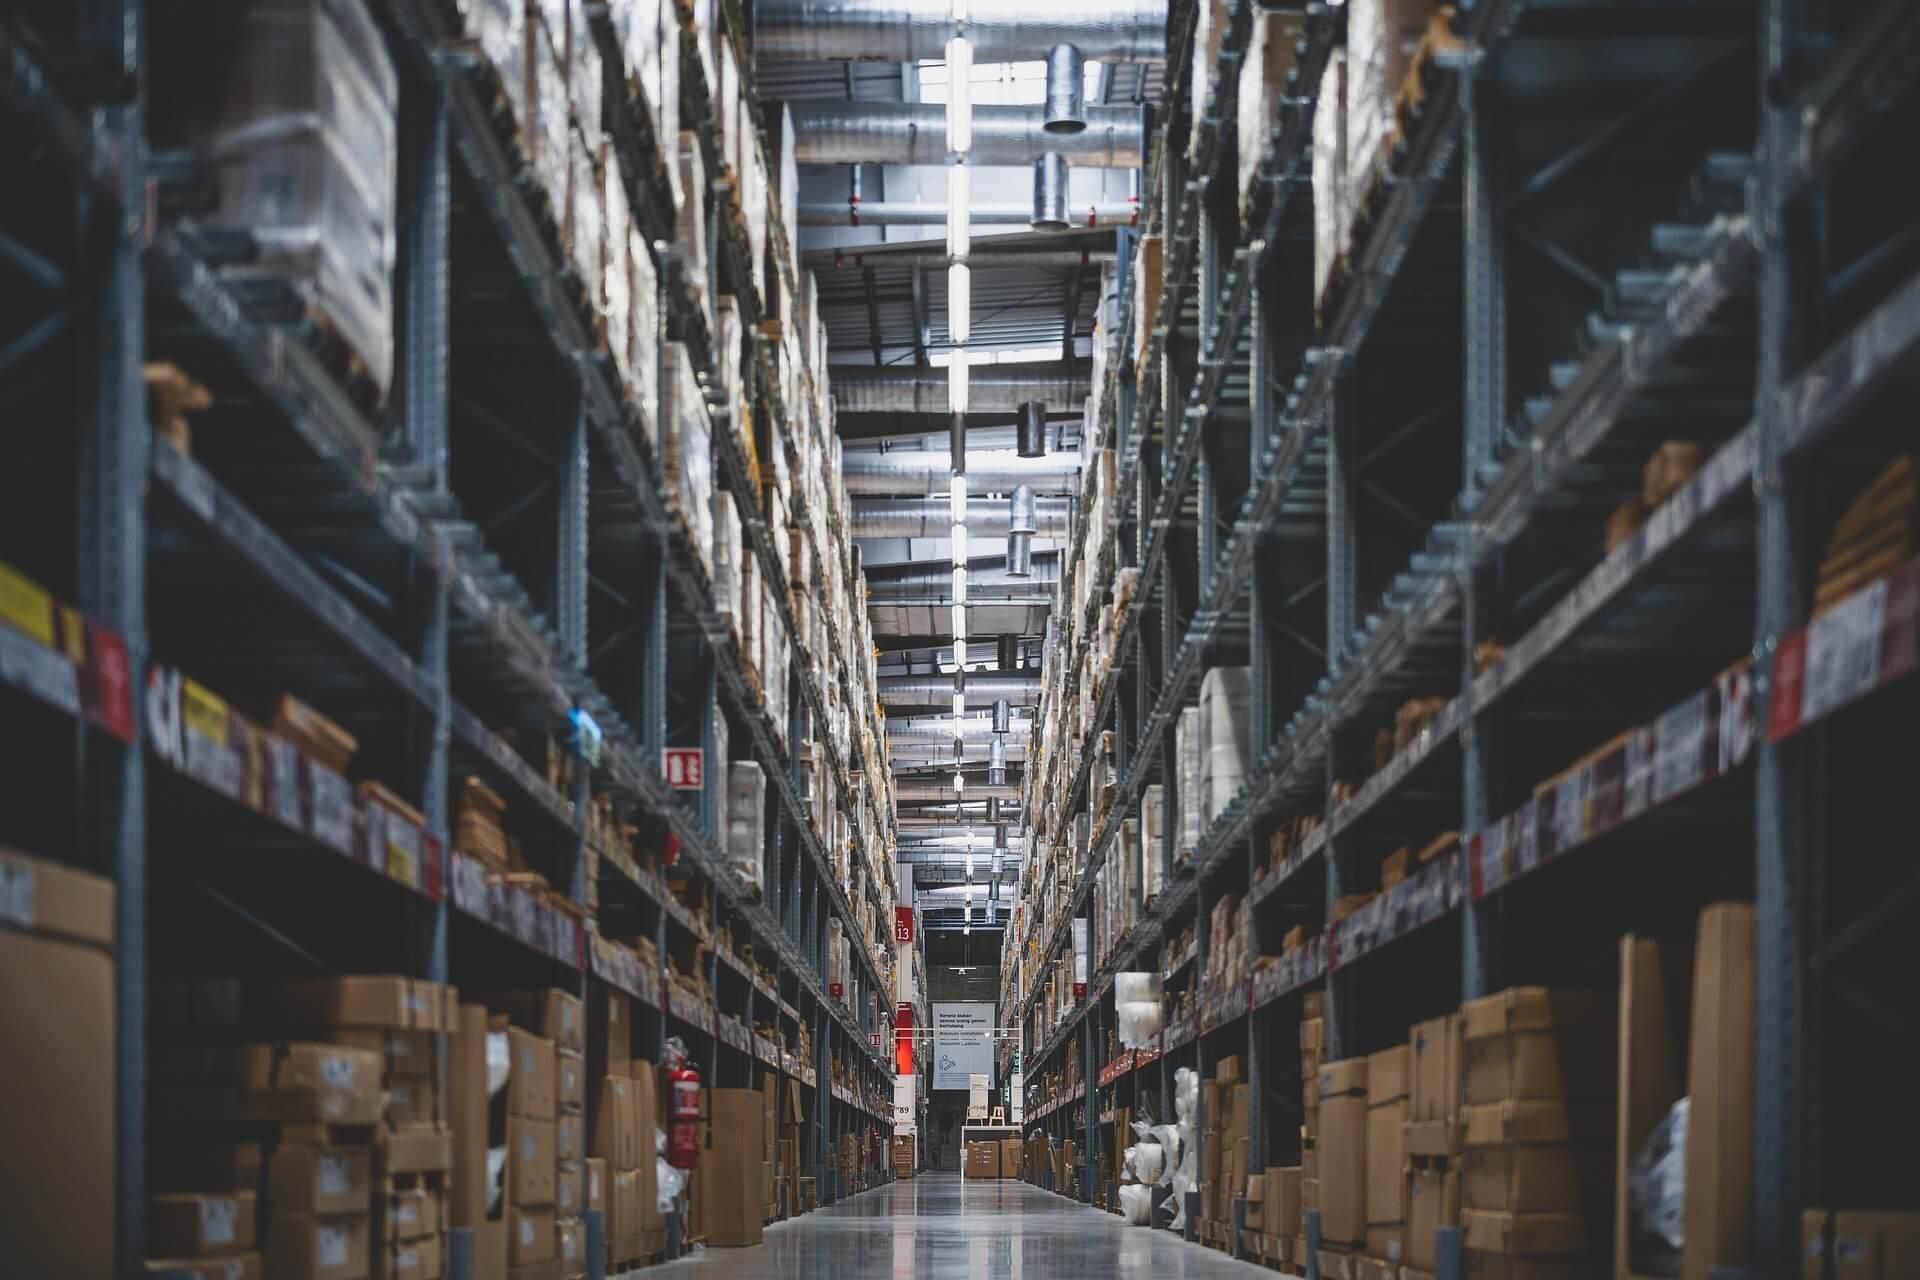 By sprostać potrzebom rynku e-commerce musi powstać prawie siedem razy tyle powierzchni magazynowej co istnieje w Polsce